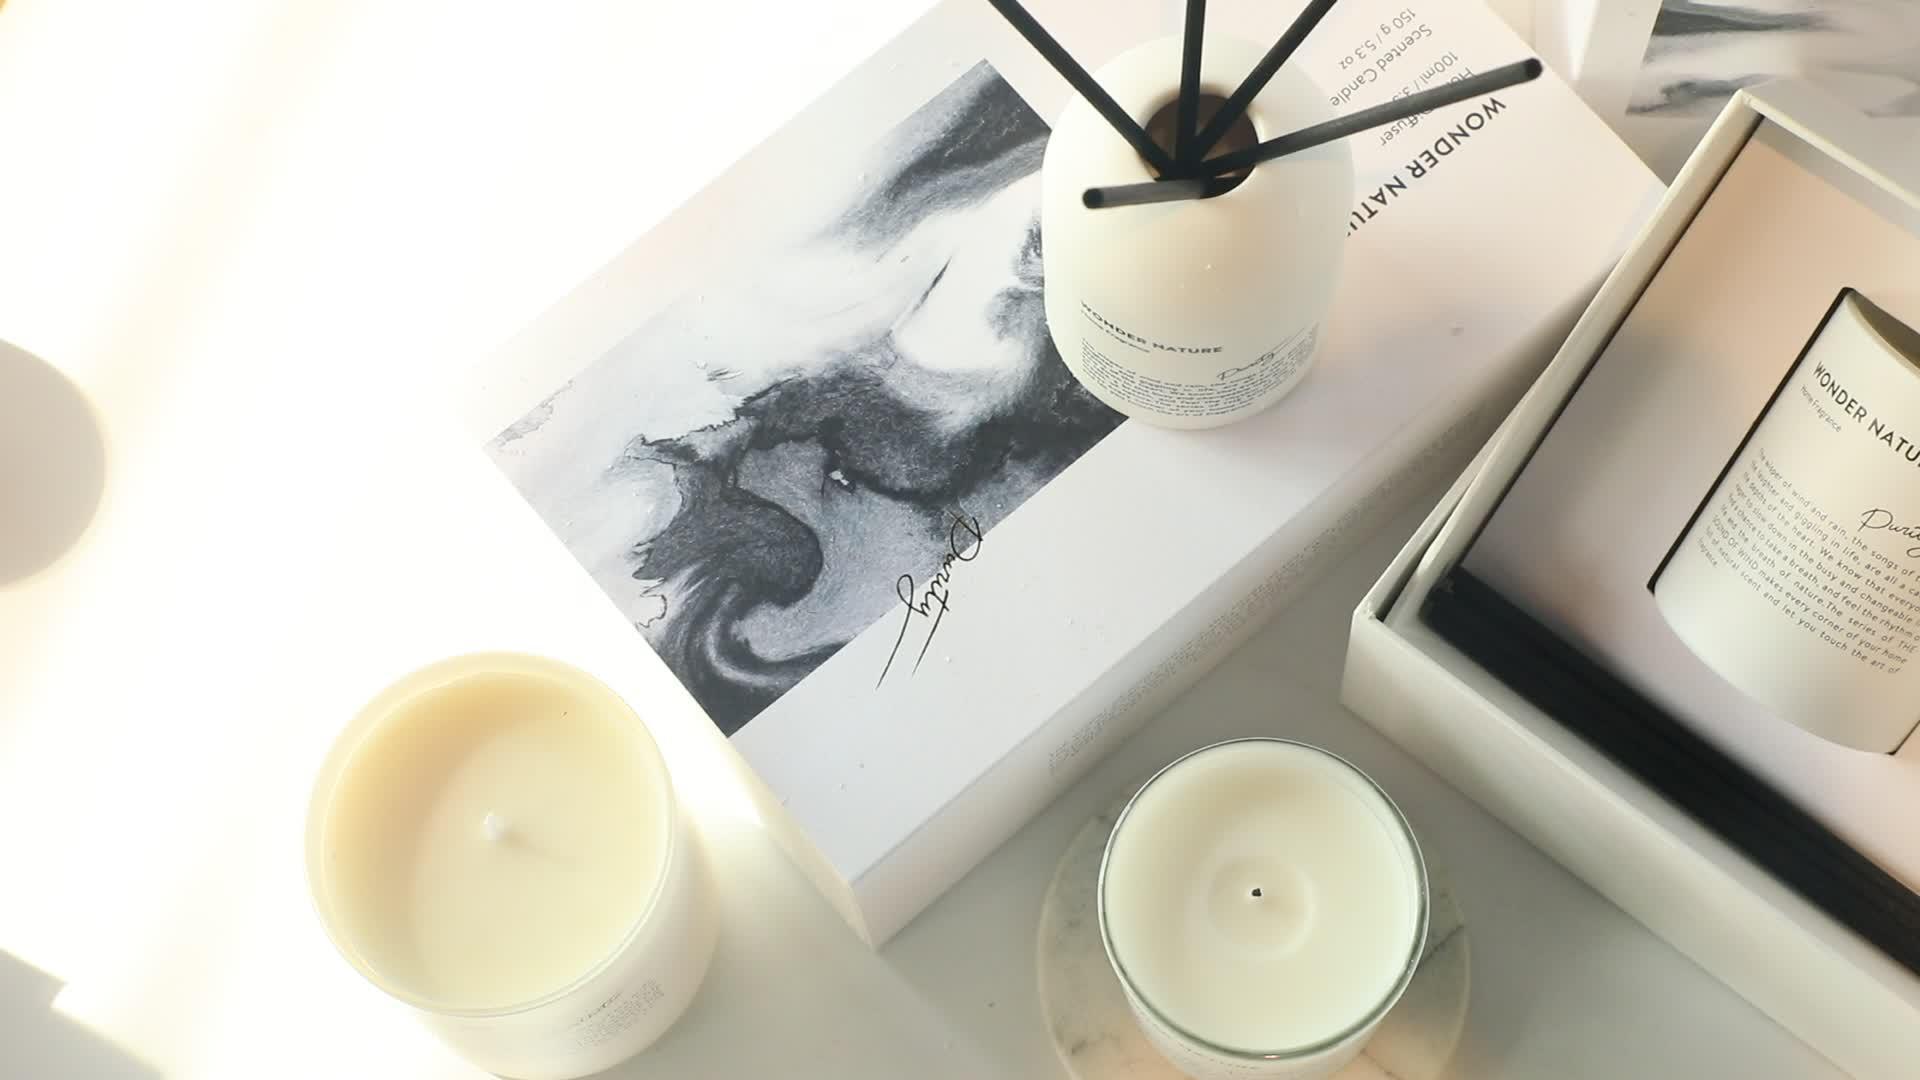 M & GEVOEL Geluid van Wind Collection 8*10.5 cm Berken Blad Glas Luxe Soja Custom Geurkaars